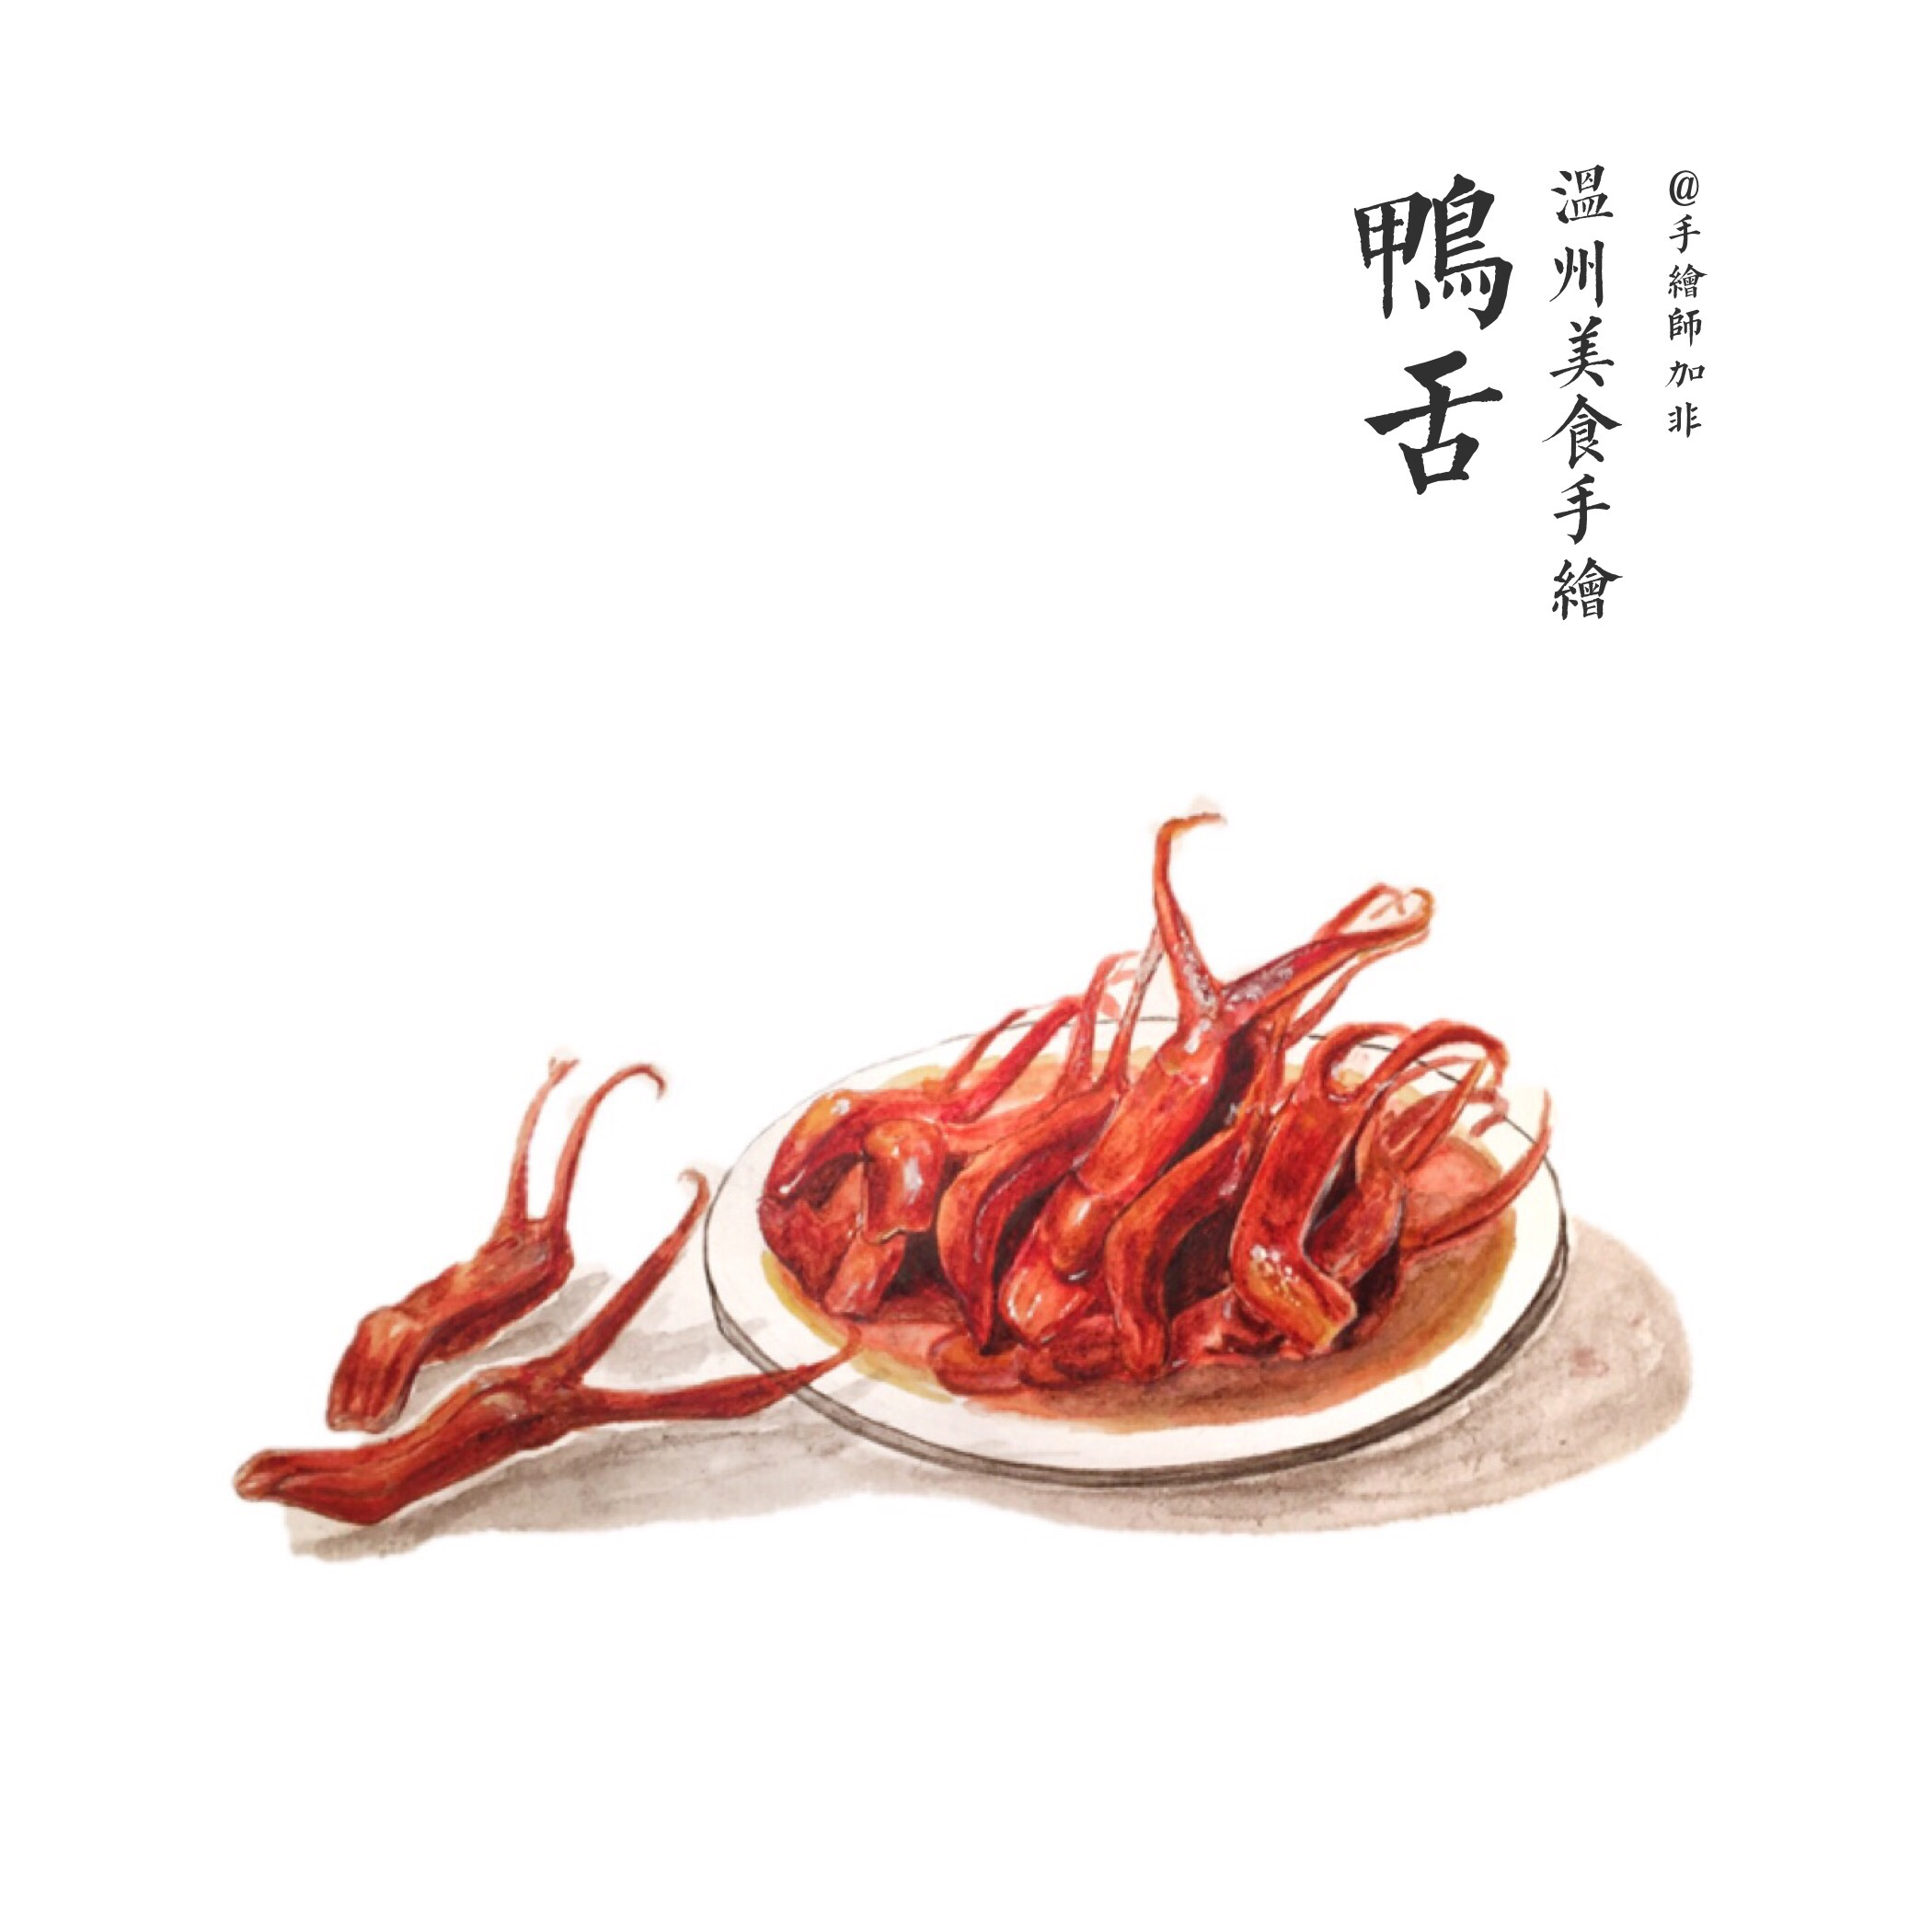 温州美食手绘